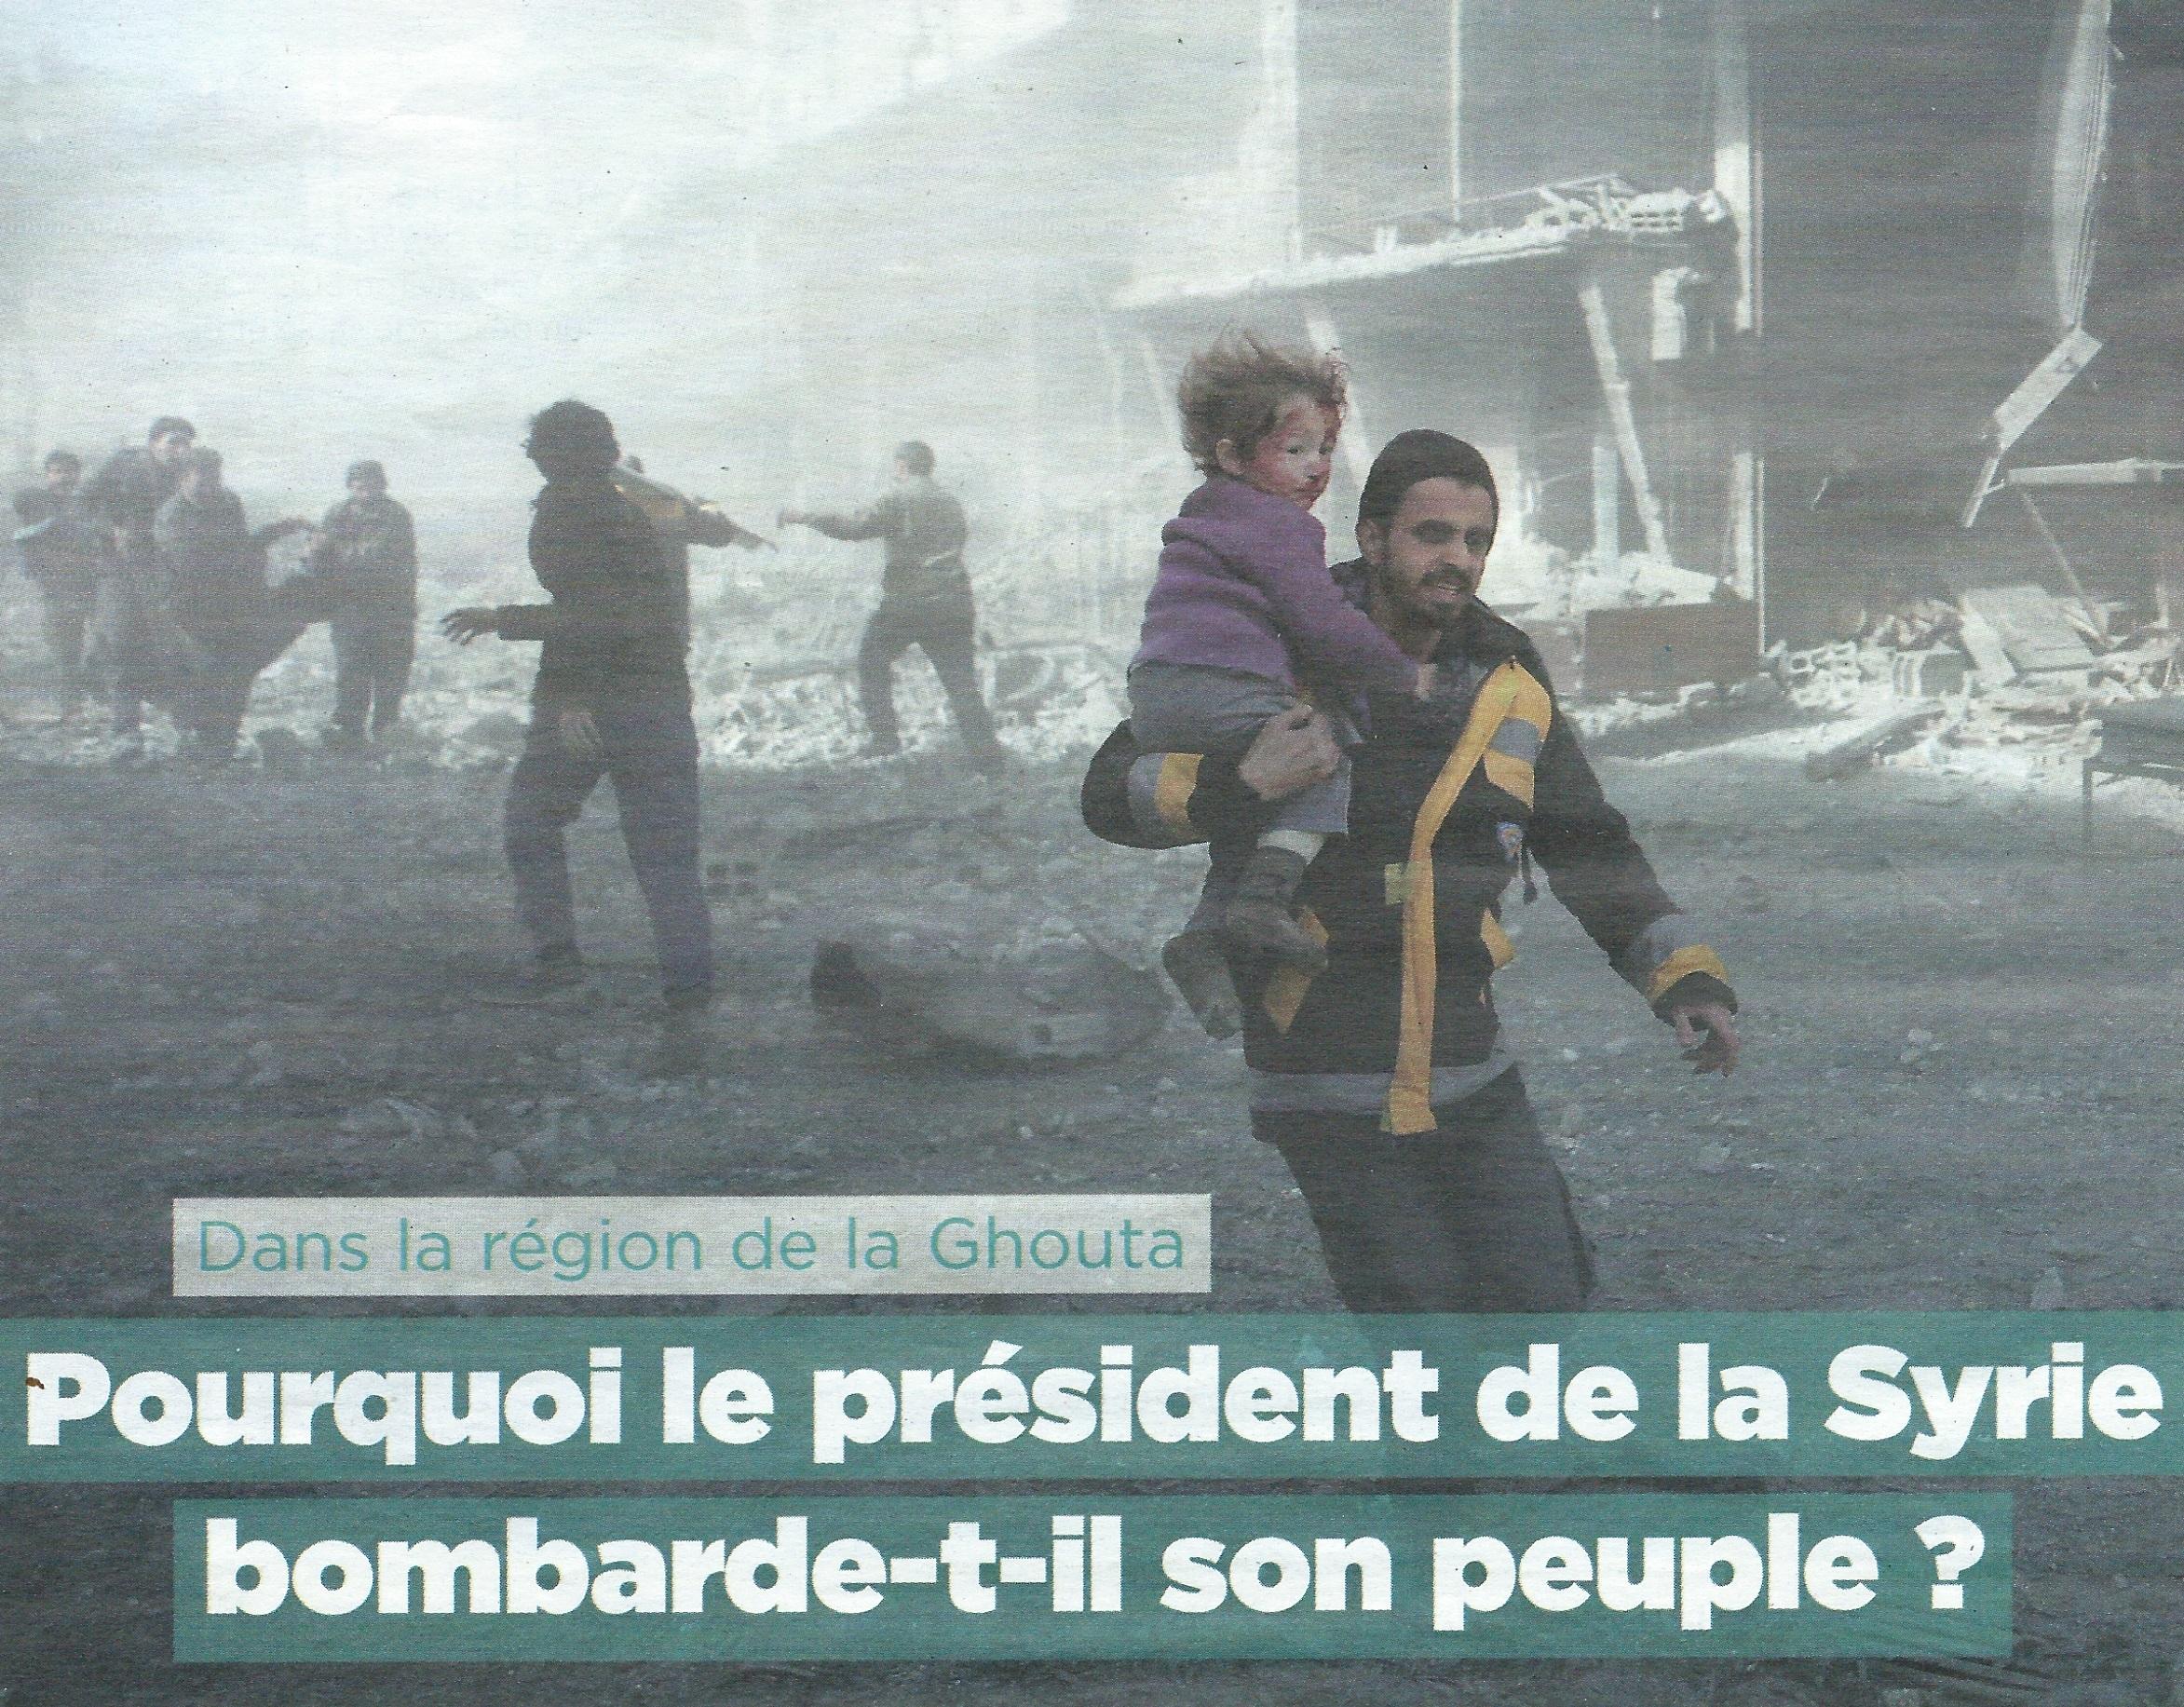 « Dis papa, pourquoi le président Assad tue son peuple ? », les manipulations de «Mon quotidien»